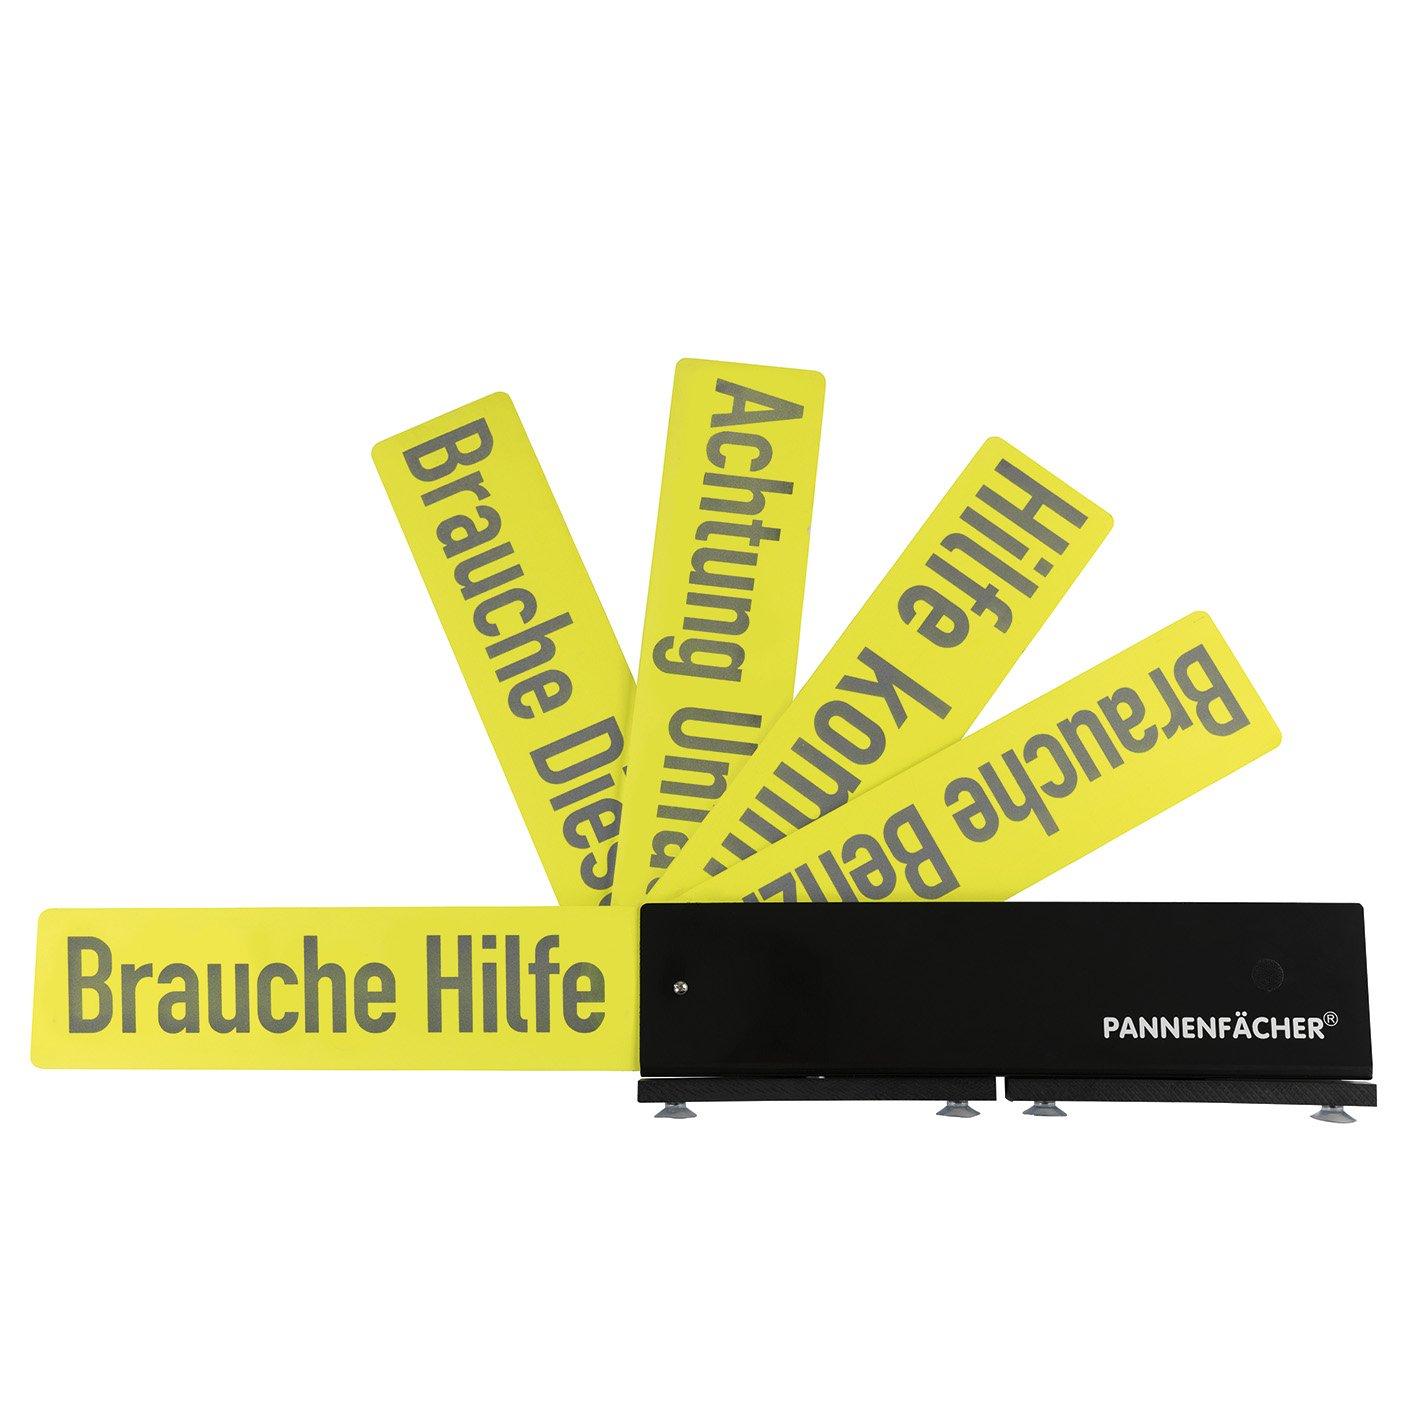 Pannenfächer 04671 Warnhinweis-Schild für Pannensituationen ( mit 5 verschiedenen Pannen/Warnhinweisen ) GOUU6|#GOURMETmaxx